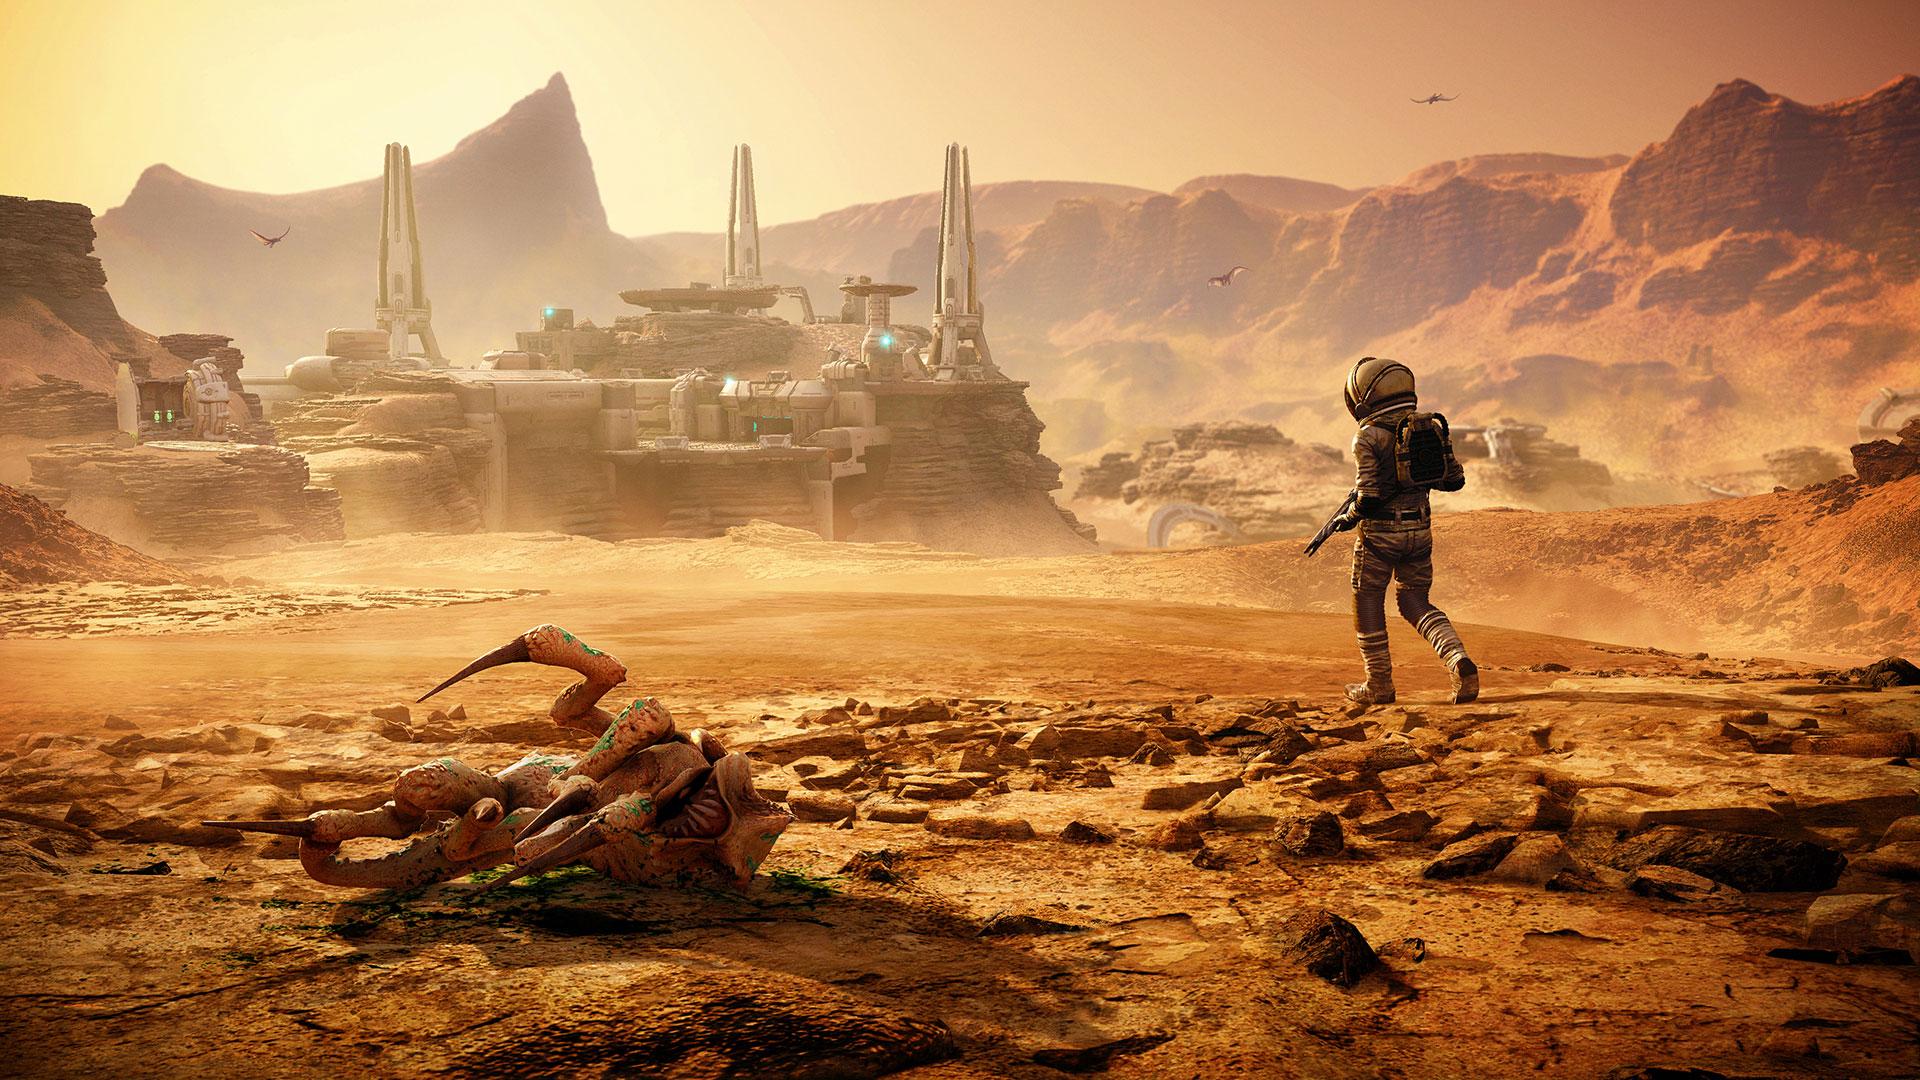 """In der Erweiterung """"Lost on Mars"""" erleben Besitzer des Season-Passes futuristische Abenteuer auf dem roten Planeten."""